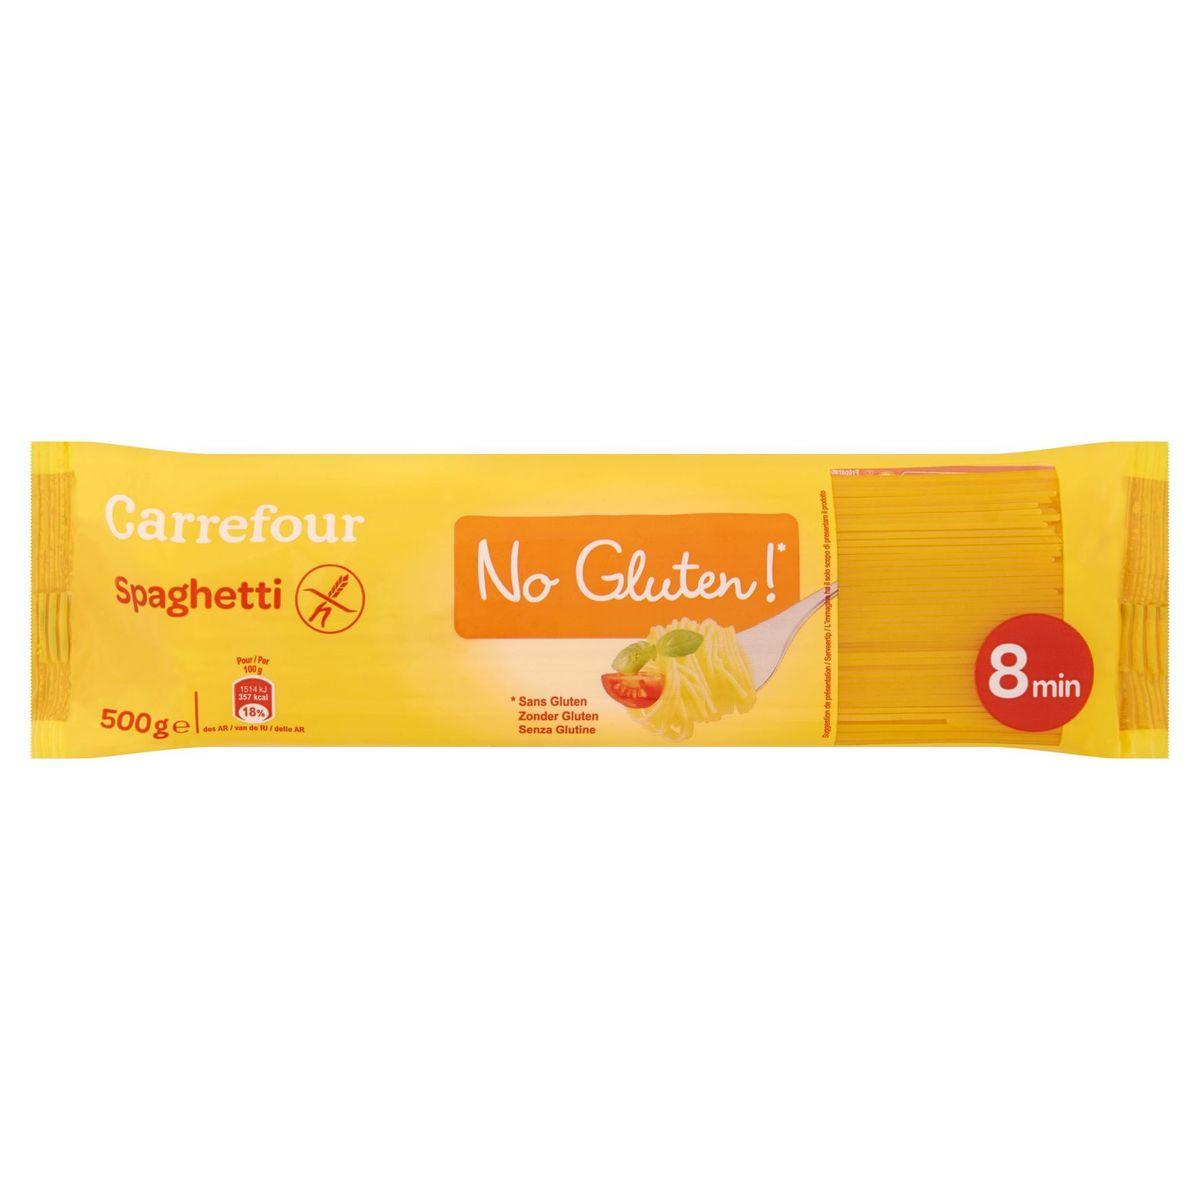 Carrefour Spaghetti No Gluten 500 g